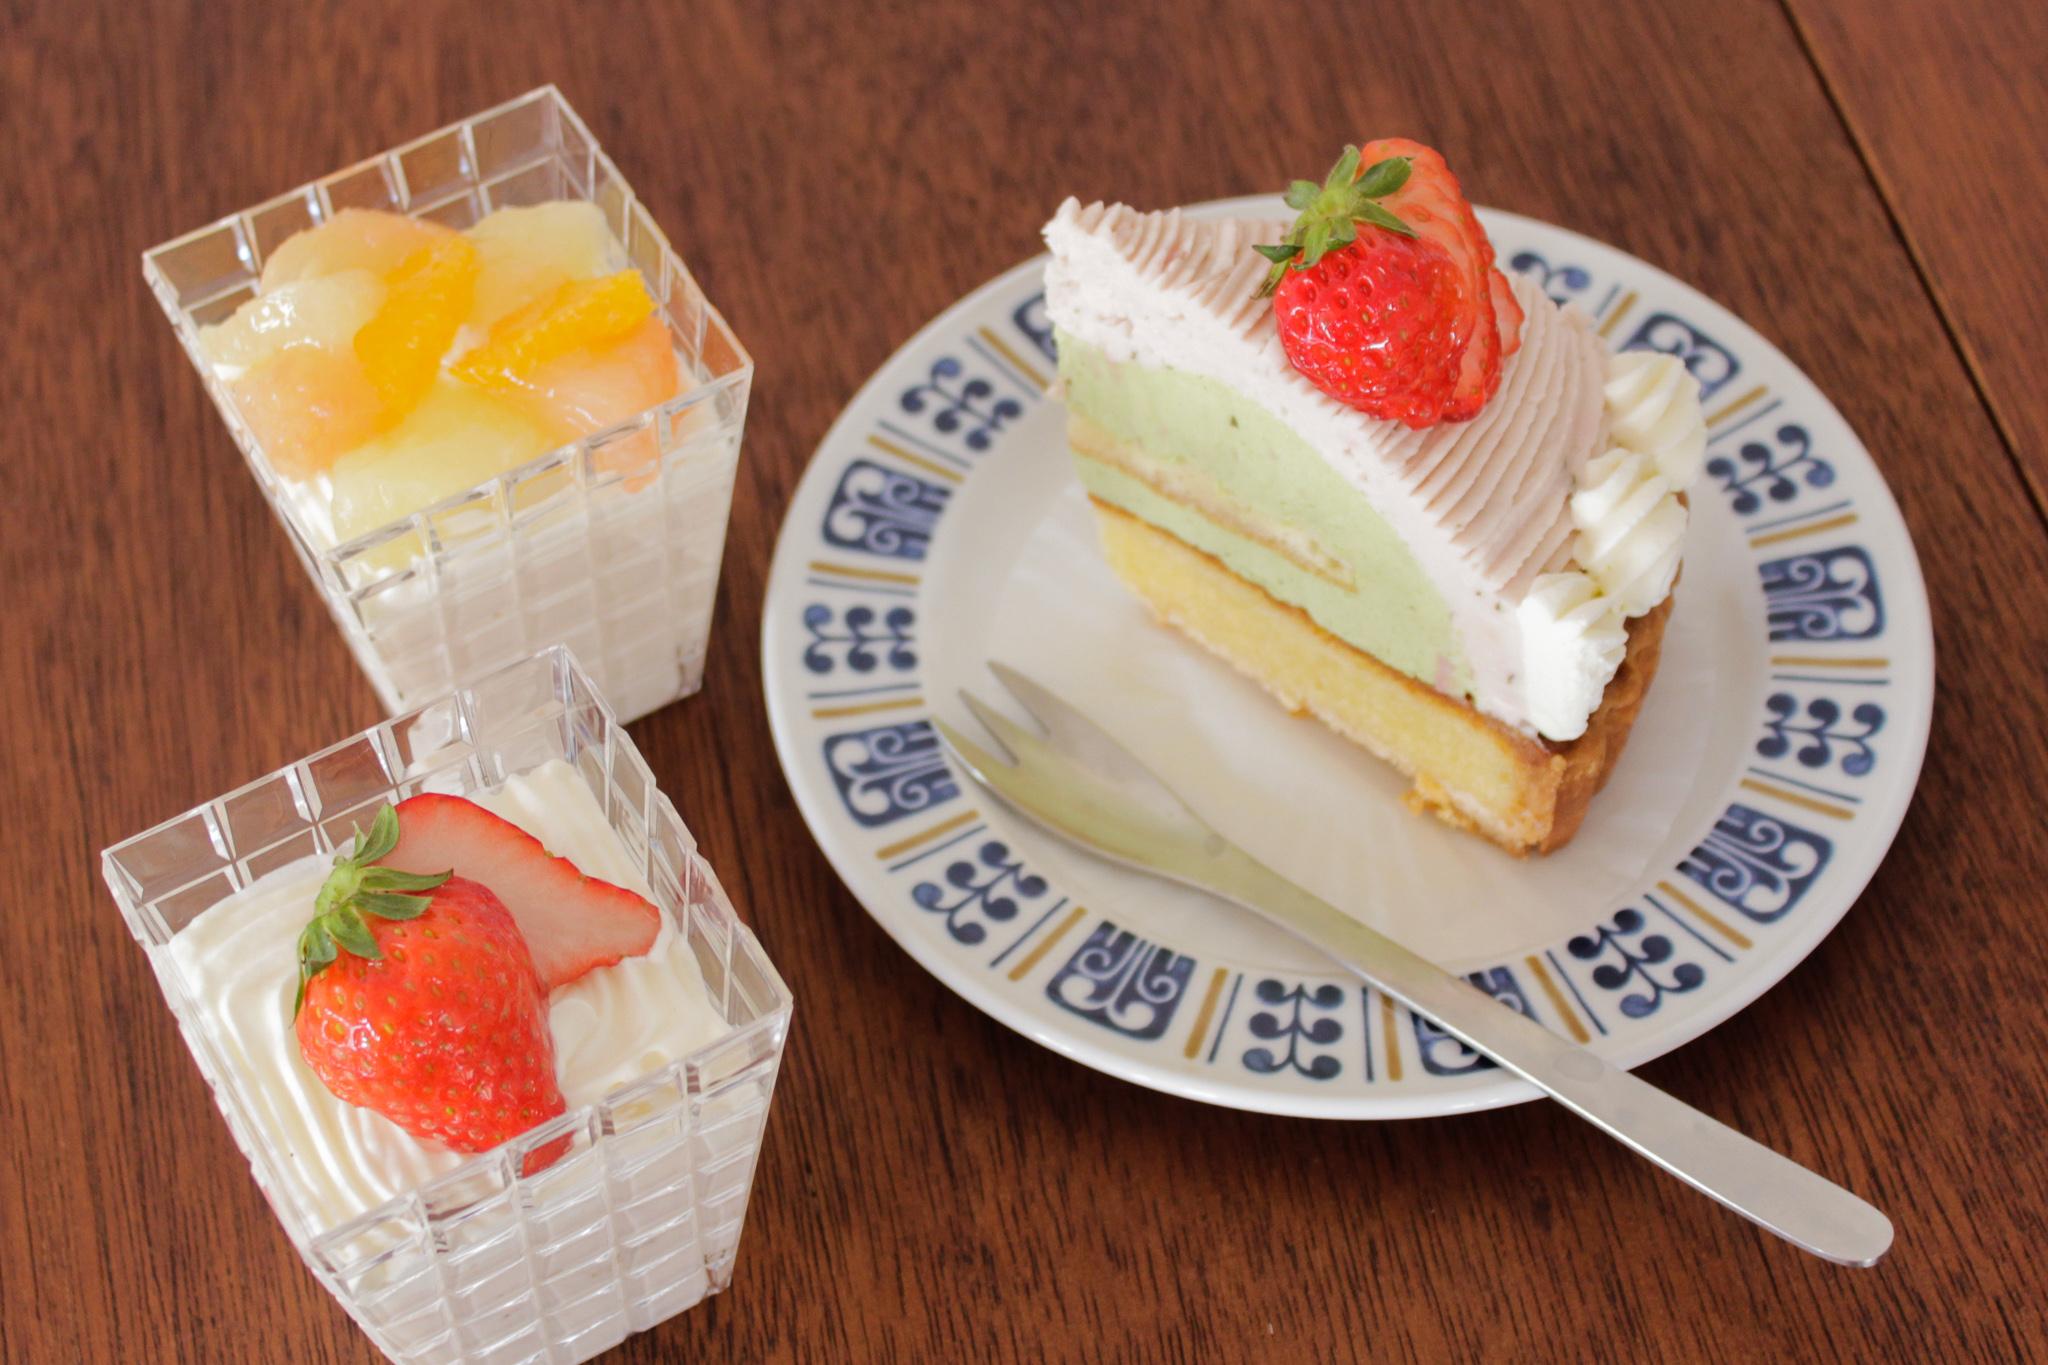 ミミエデンのショートケーキ